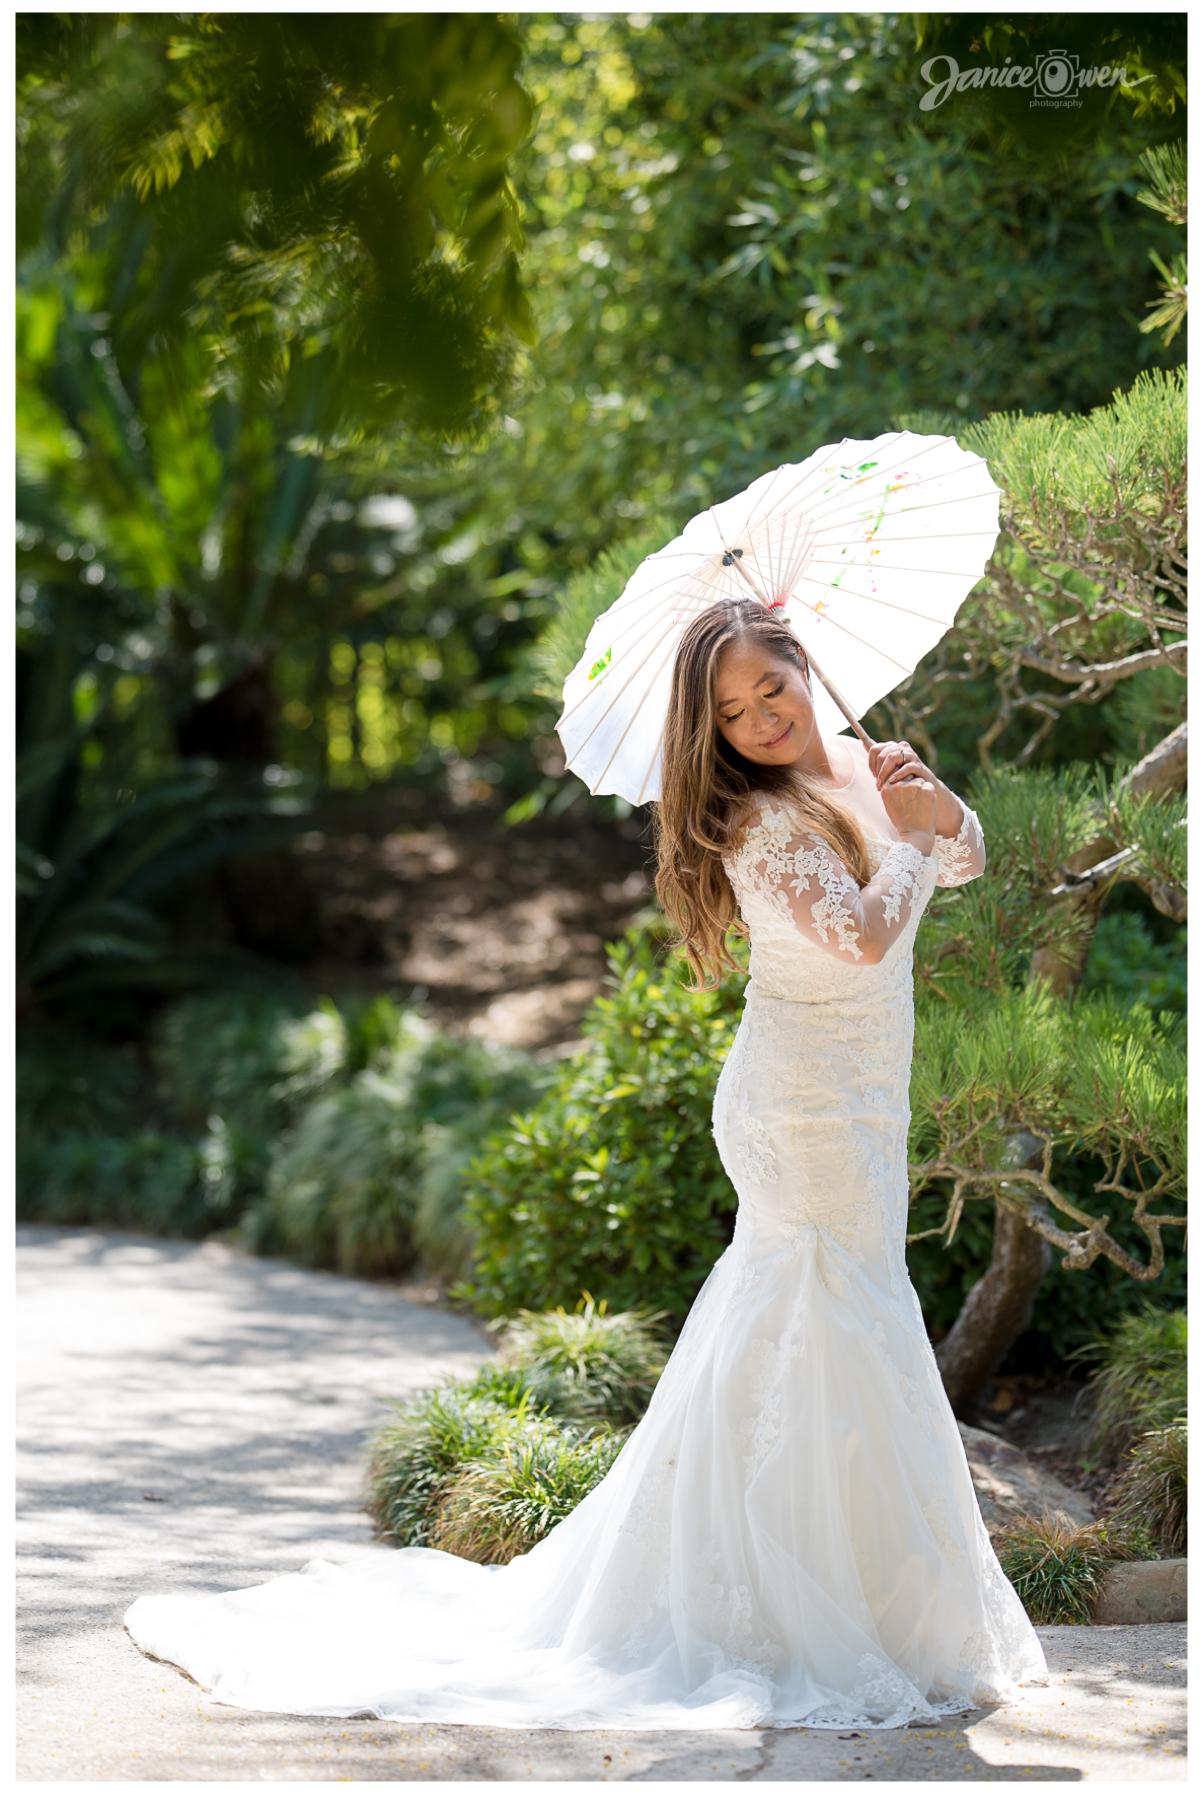 janiceowenphotography_wedding9.jpg